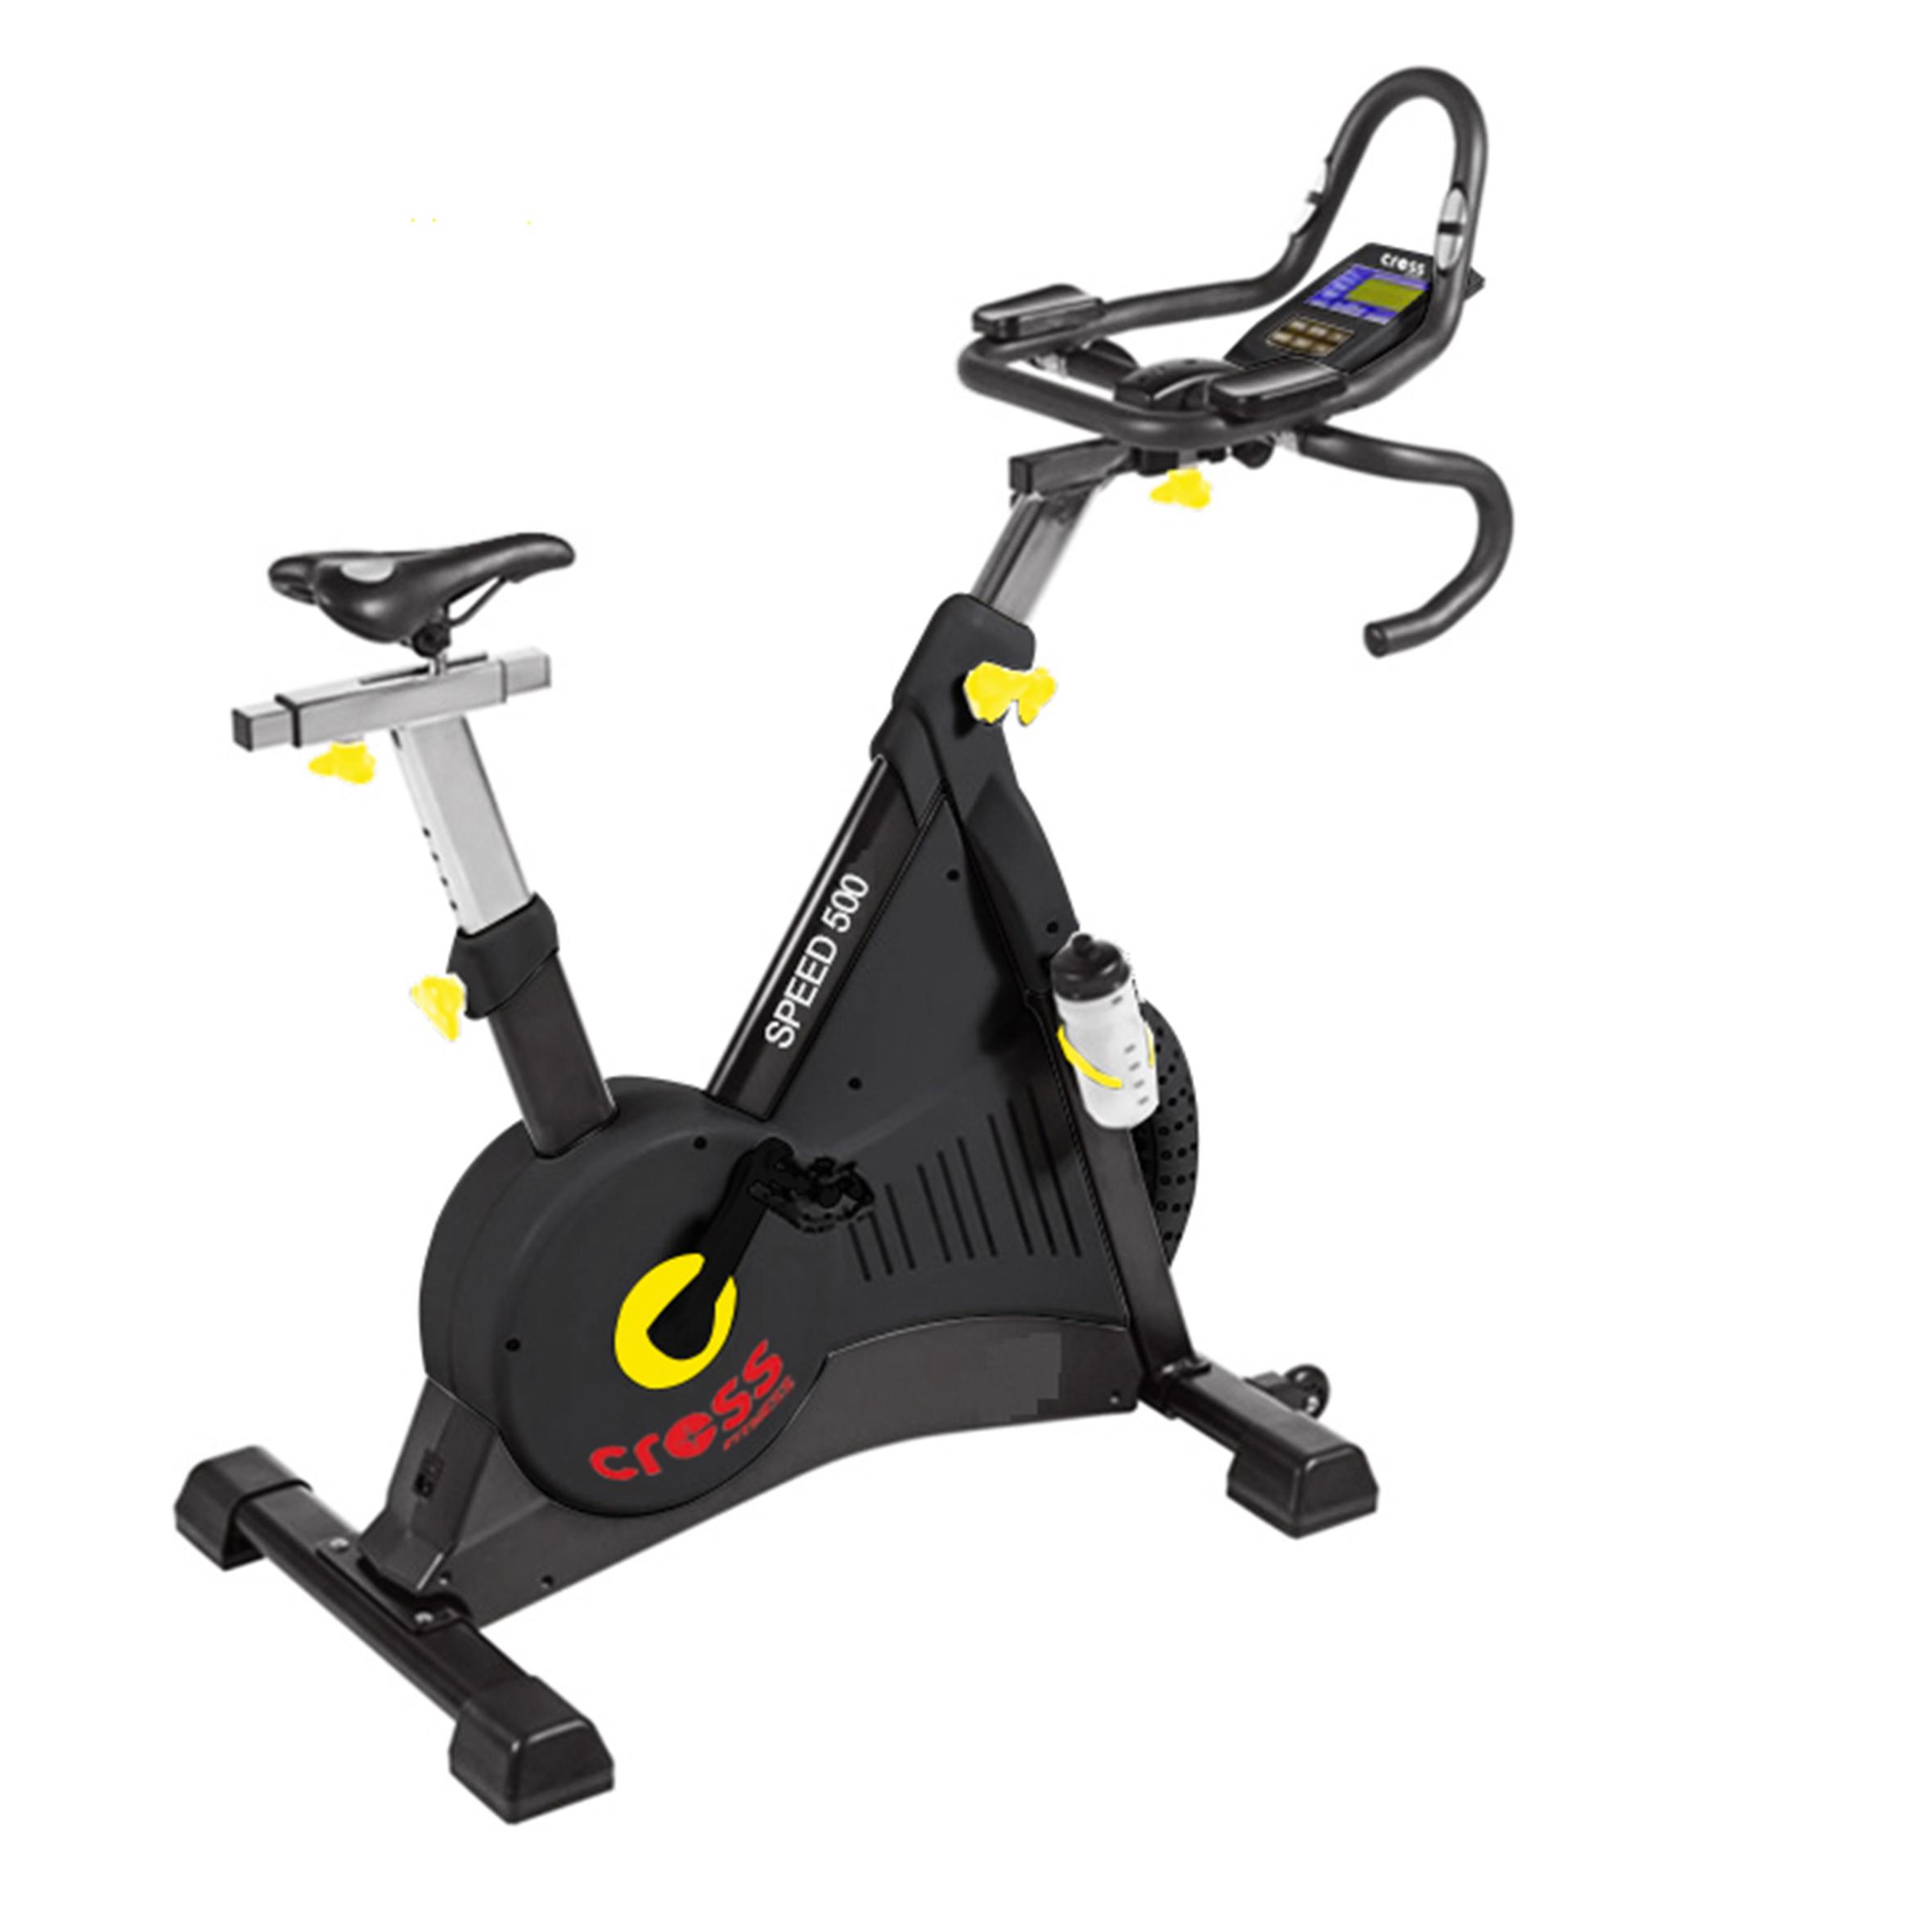 دوچرخه اسپینینگ کراس فیتنس مدل Speed 500